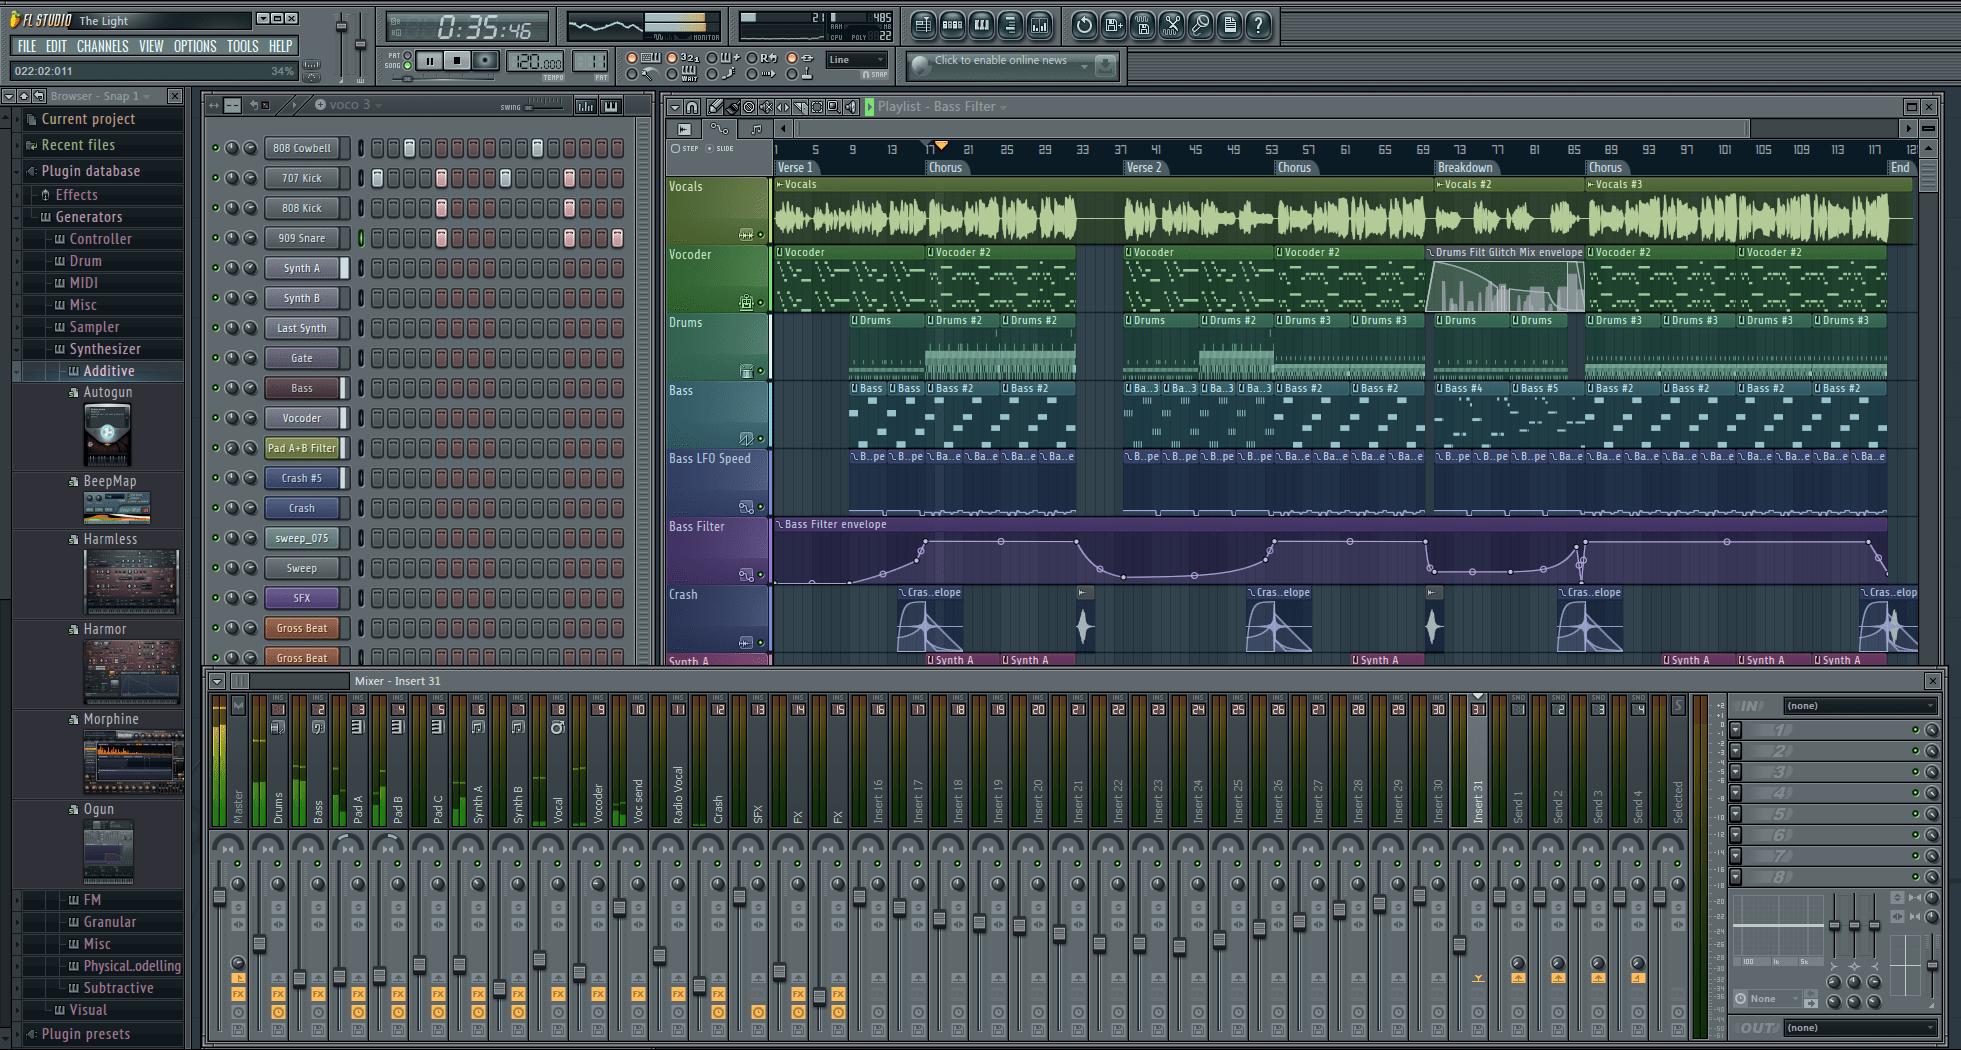 Fl studio 11 0 3 regkey